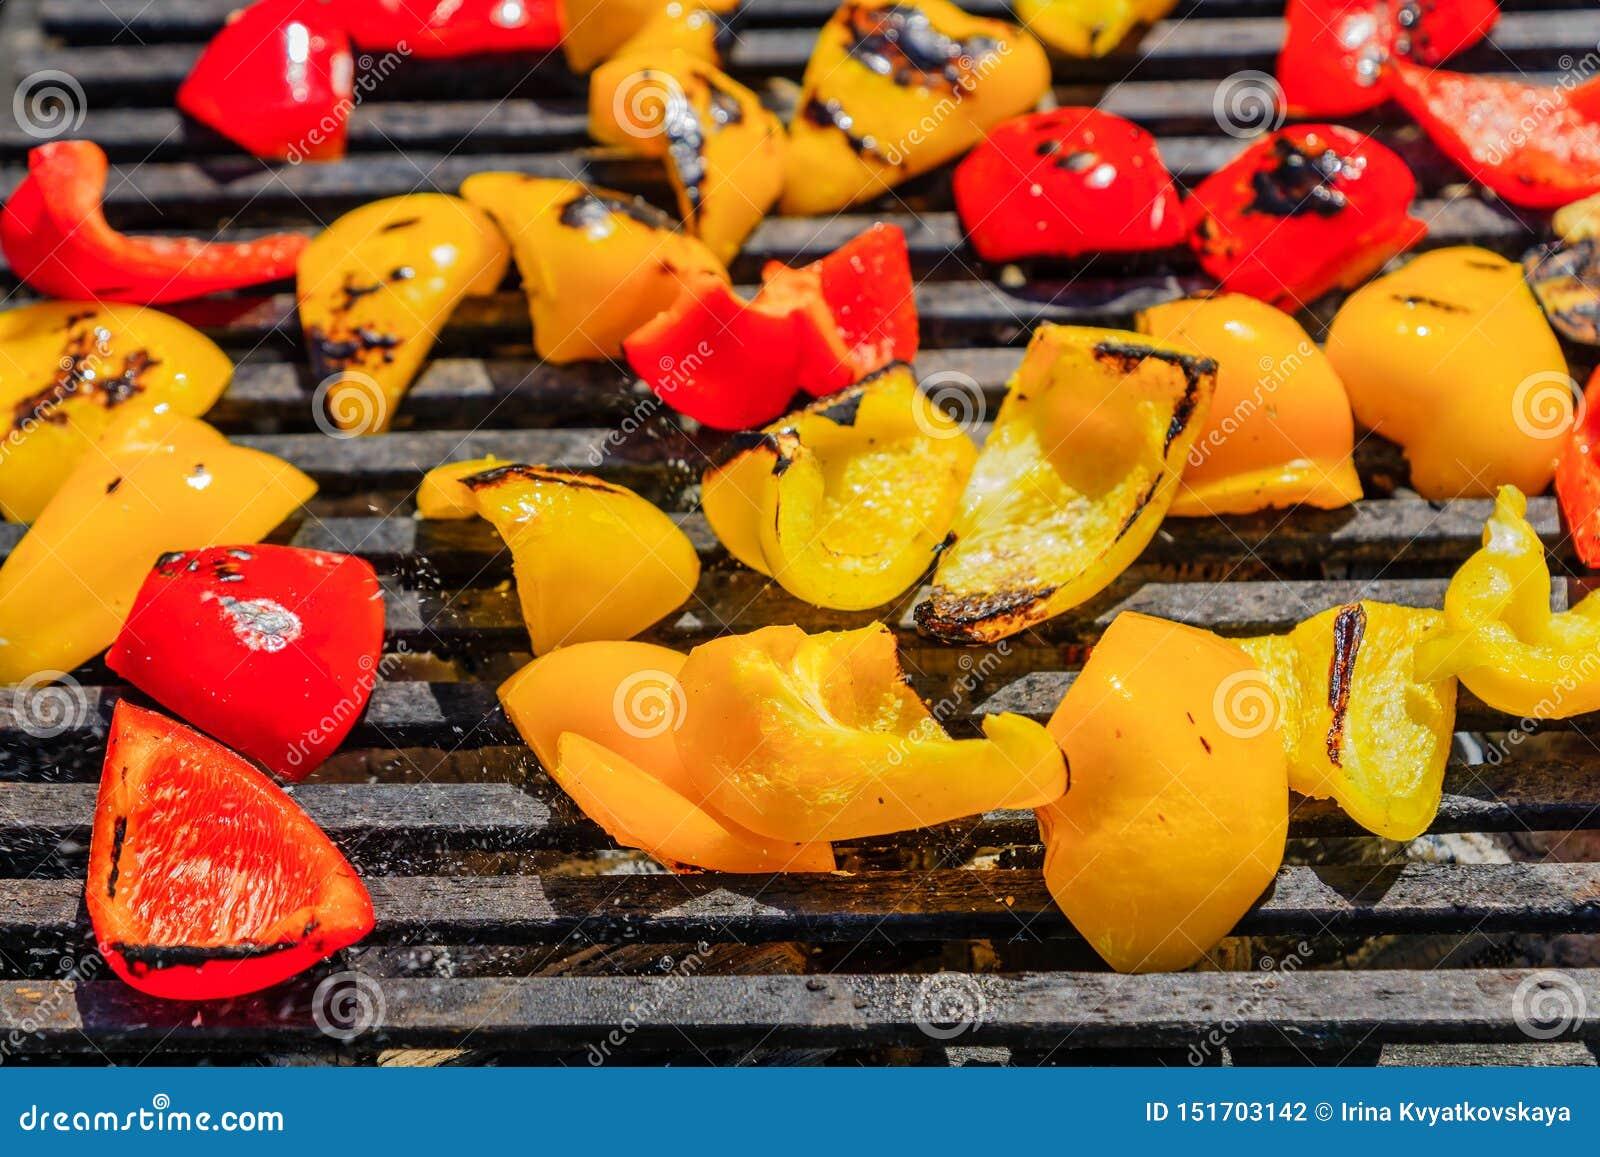 Tranches cuites au four de poivre rouge et jaune, cuites sur le gril, plan rapproché de nourriture de rue Le paprika a fait frire